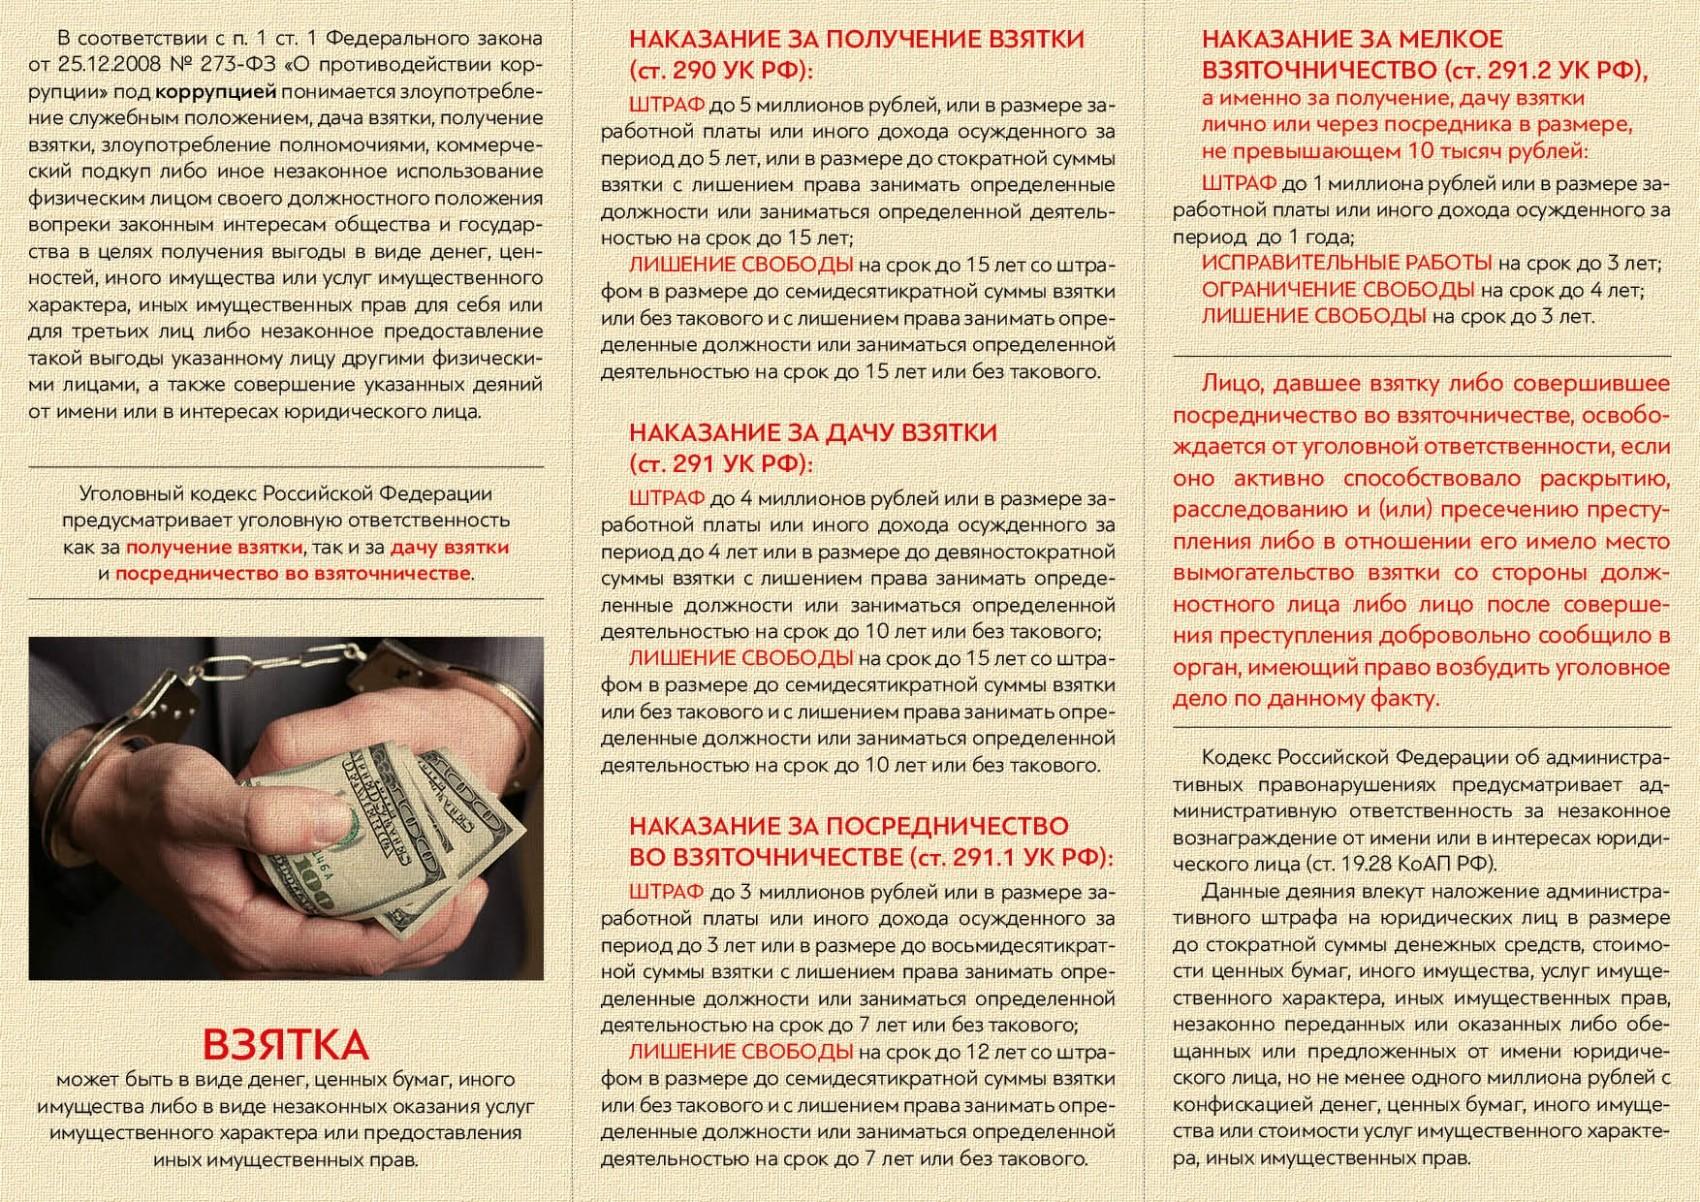 http://pupils.ru/upload/pupils/information_system_782/3/6/5/0/9/item_365093/information_items_property_116313.jpg